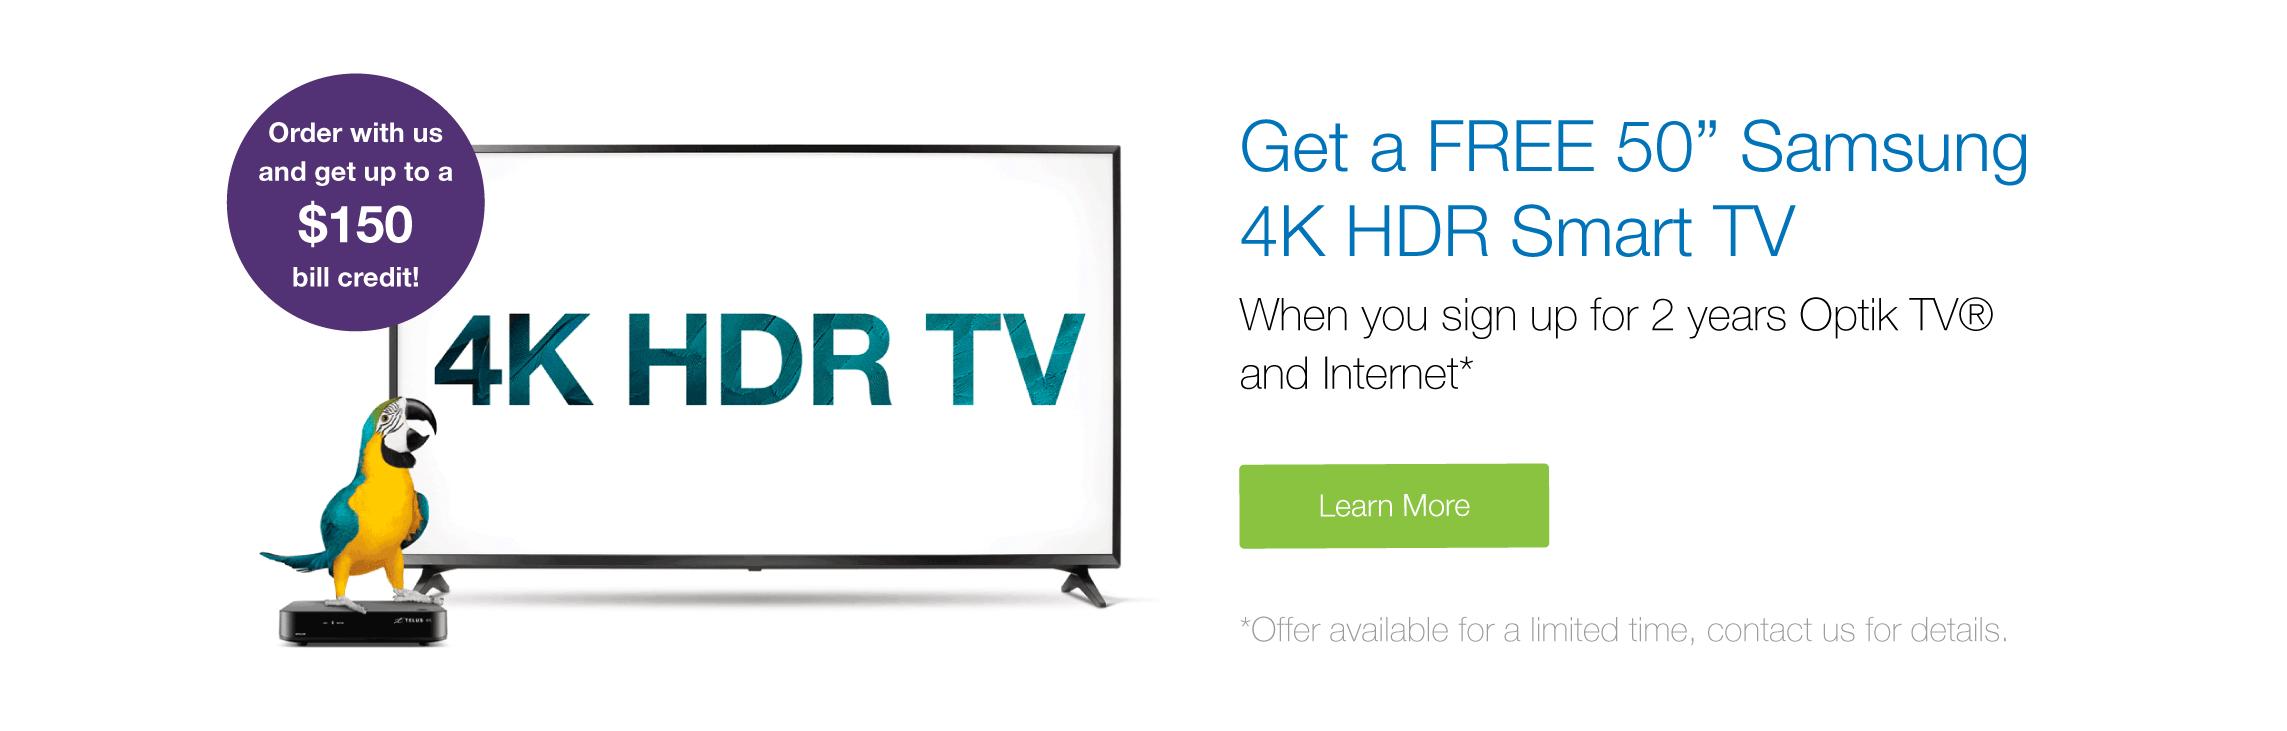 """Get a FREE 50"""" LG4K HDR Smart TV with Optik TV & Internet"""